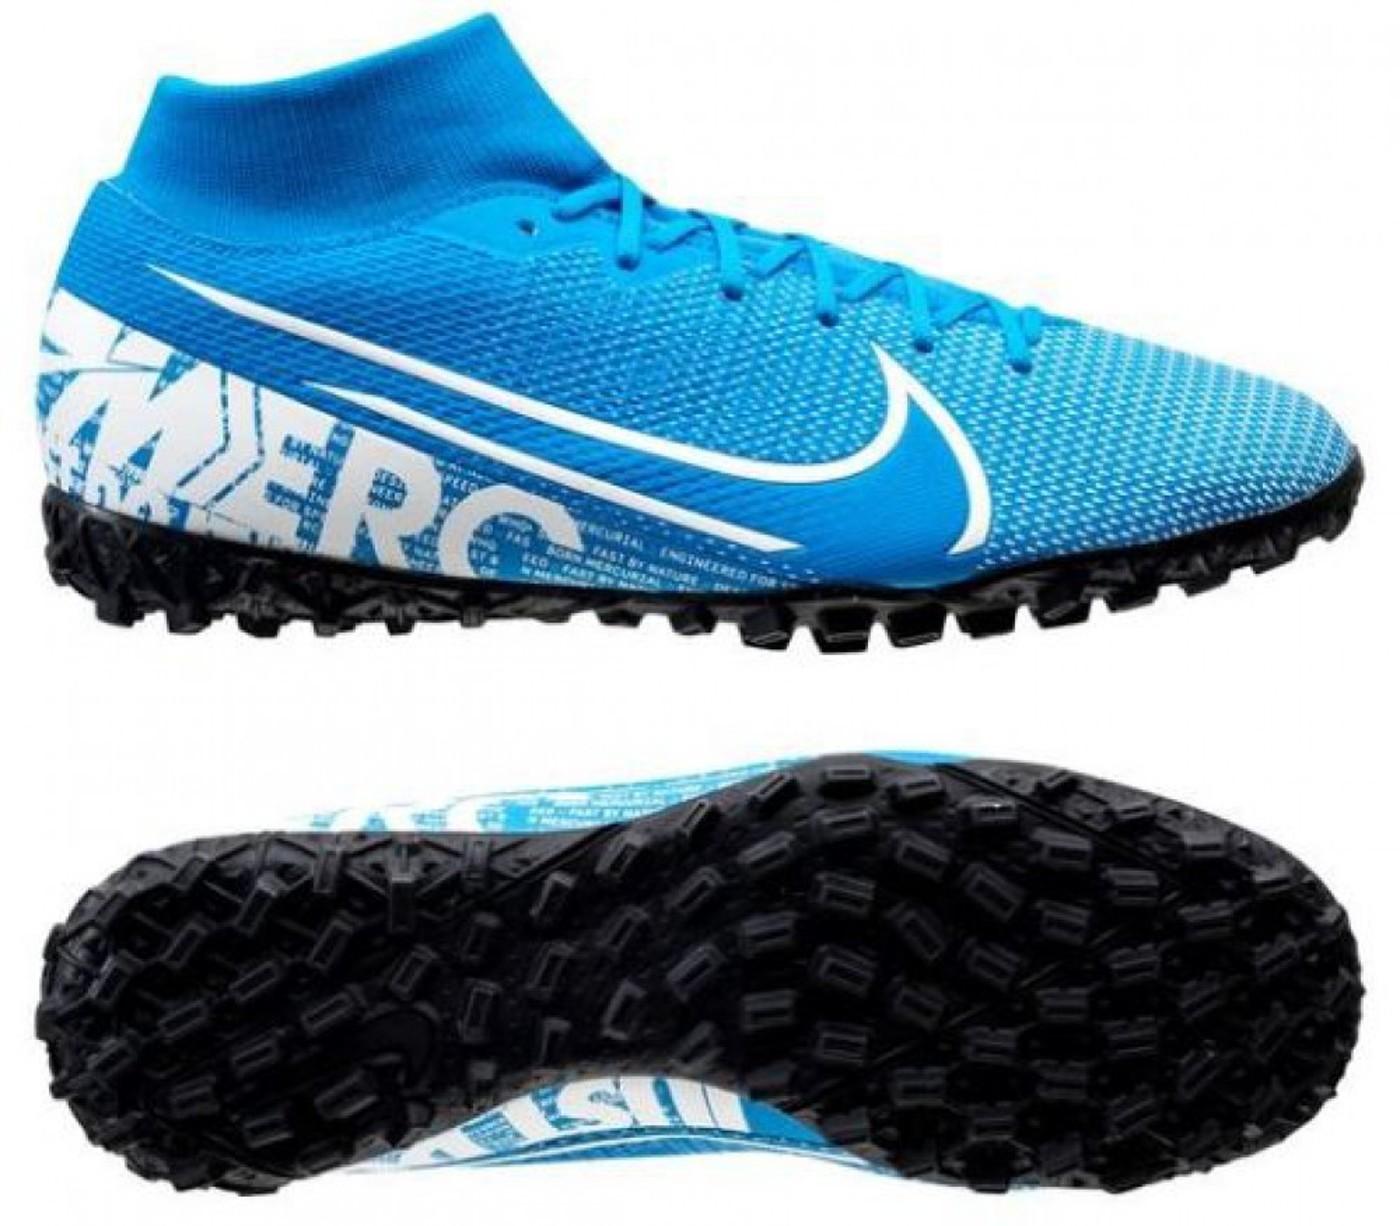 Nike Mercurial Superfly 7 Acad